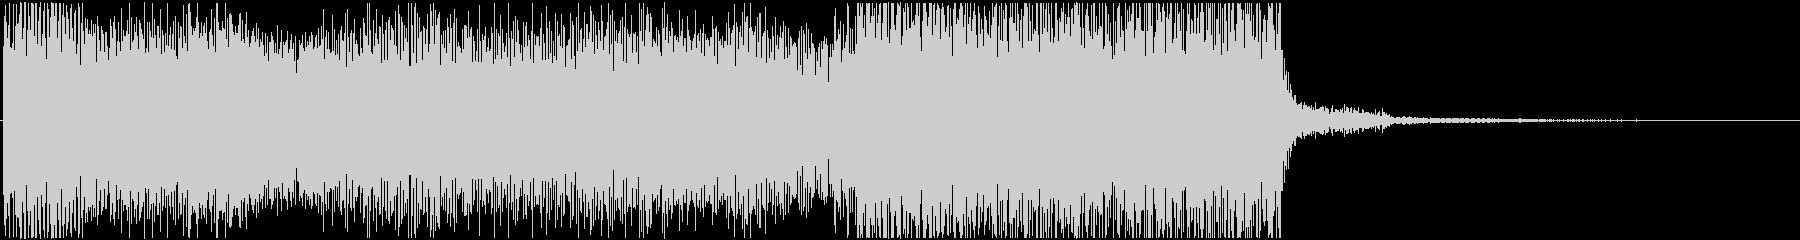 ゲームオーバーの怪しいシンセジングルの未再生の波形